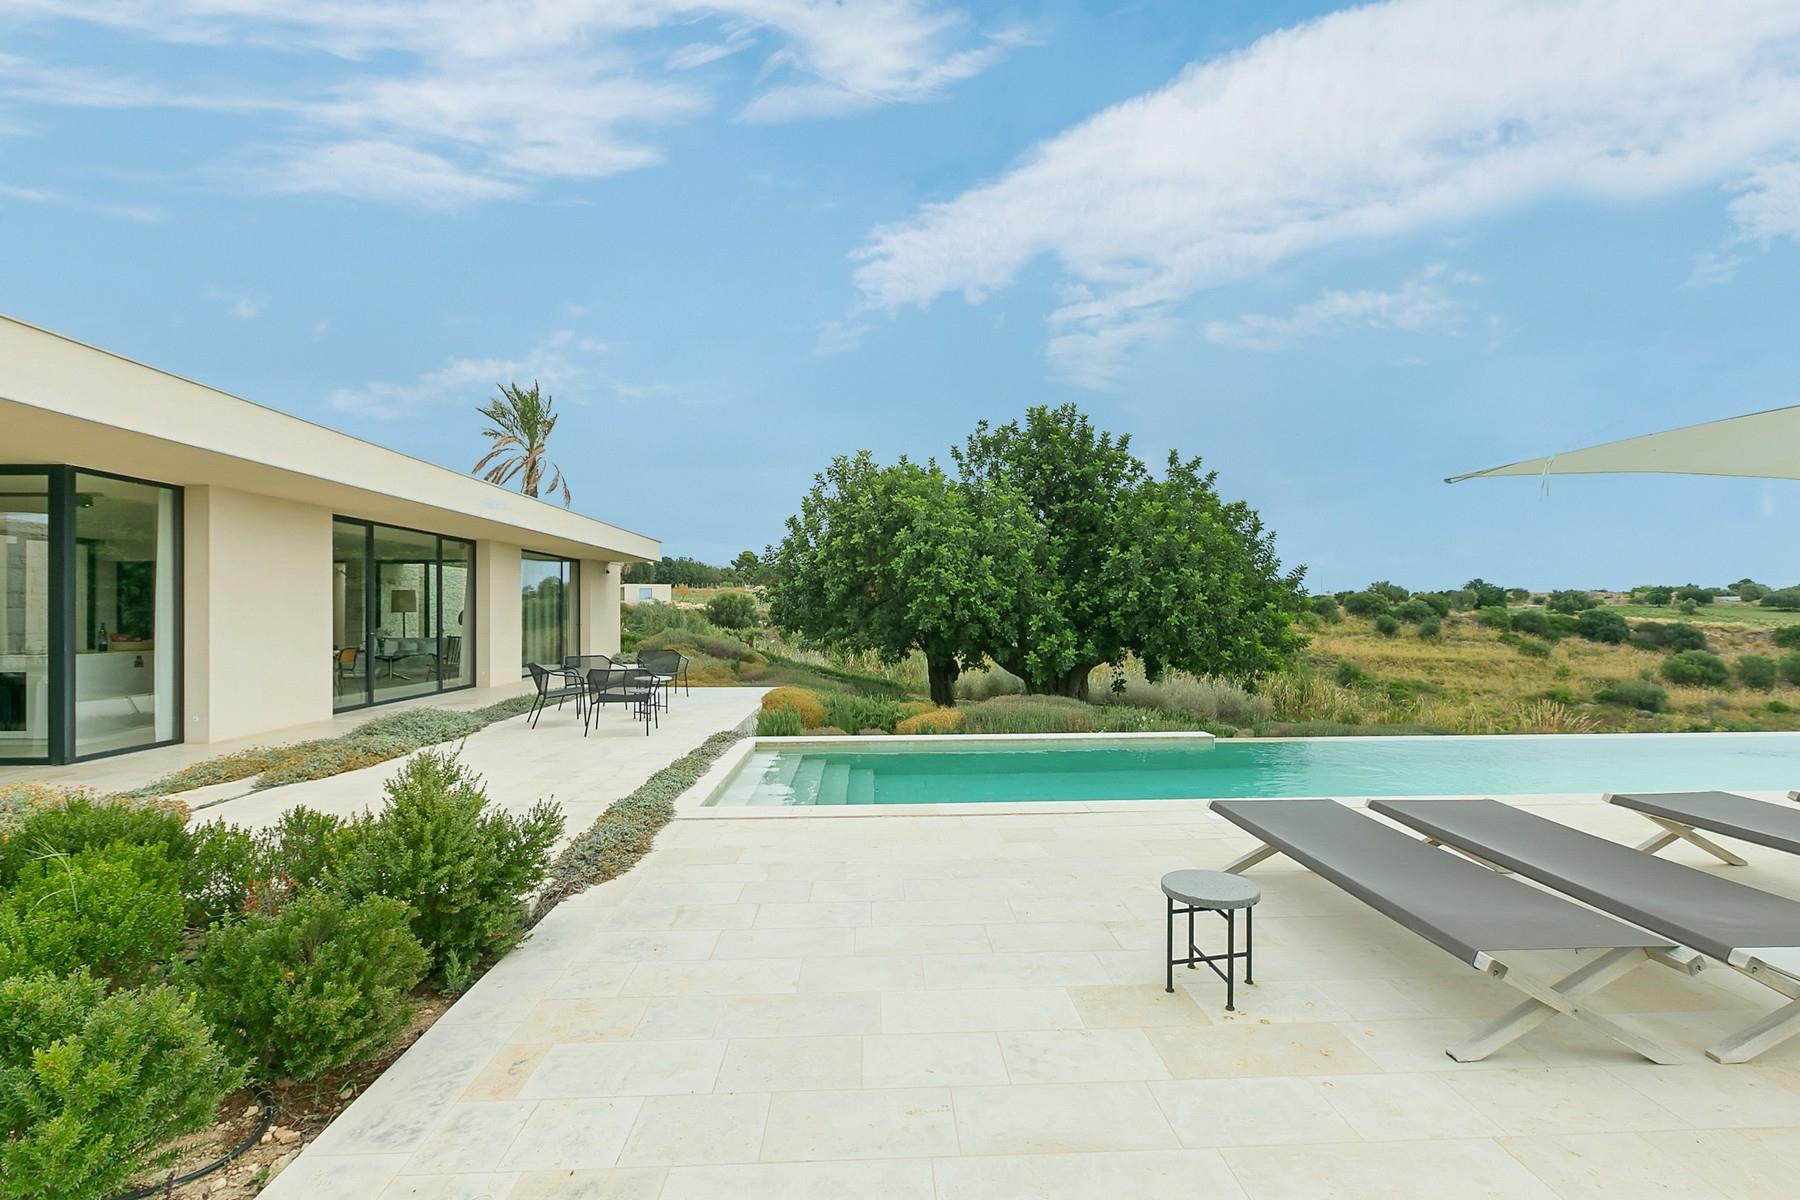 Villa in Vendita a Avola: 5 locali, 330 mq